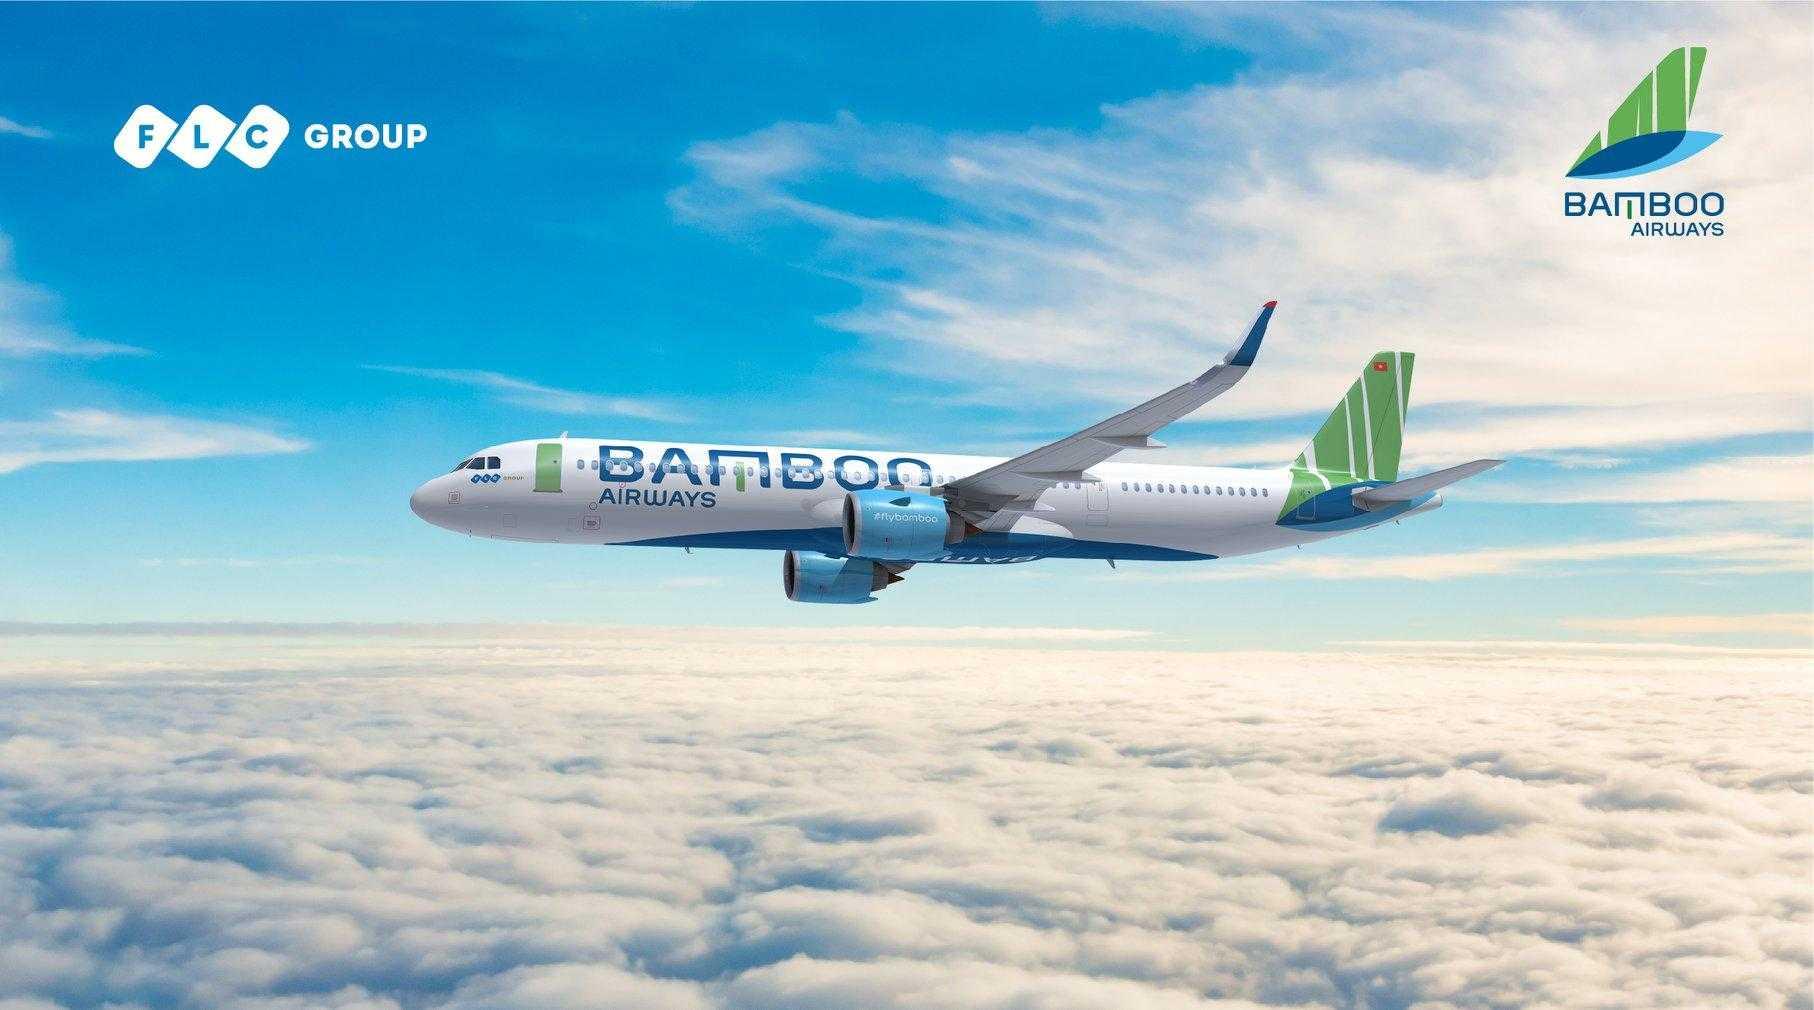 Boeing-787-Dreamliner-Bamboo-Airways.jpg